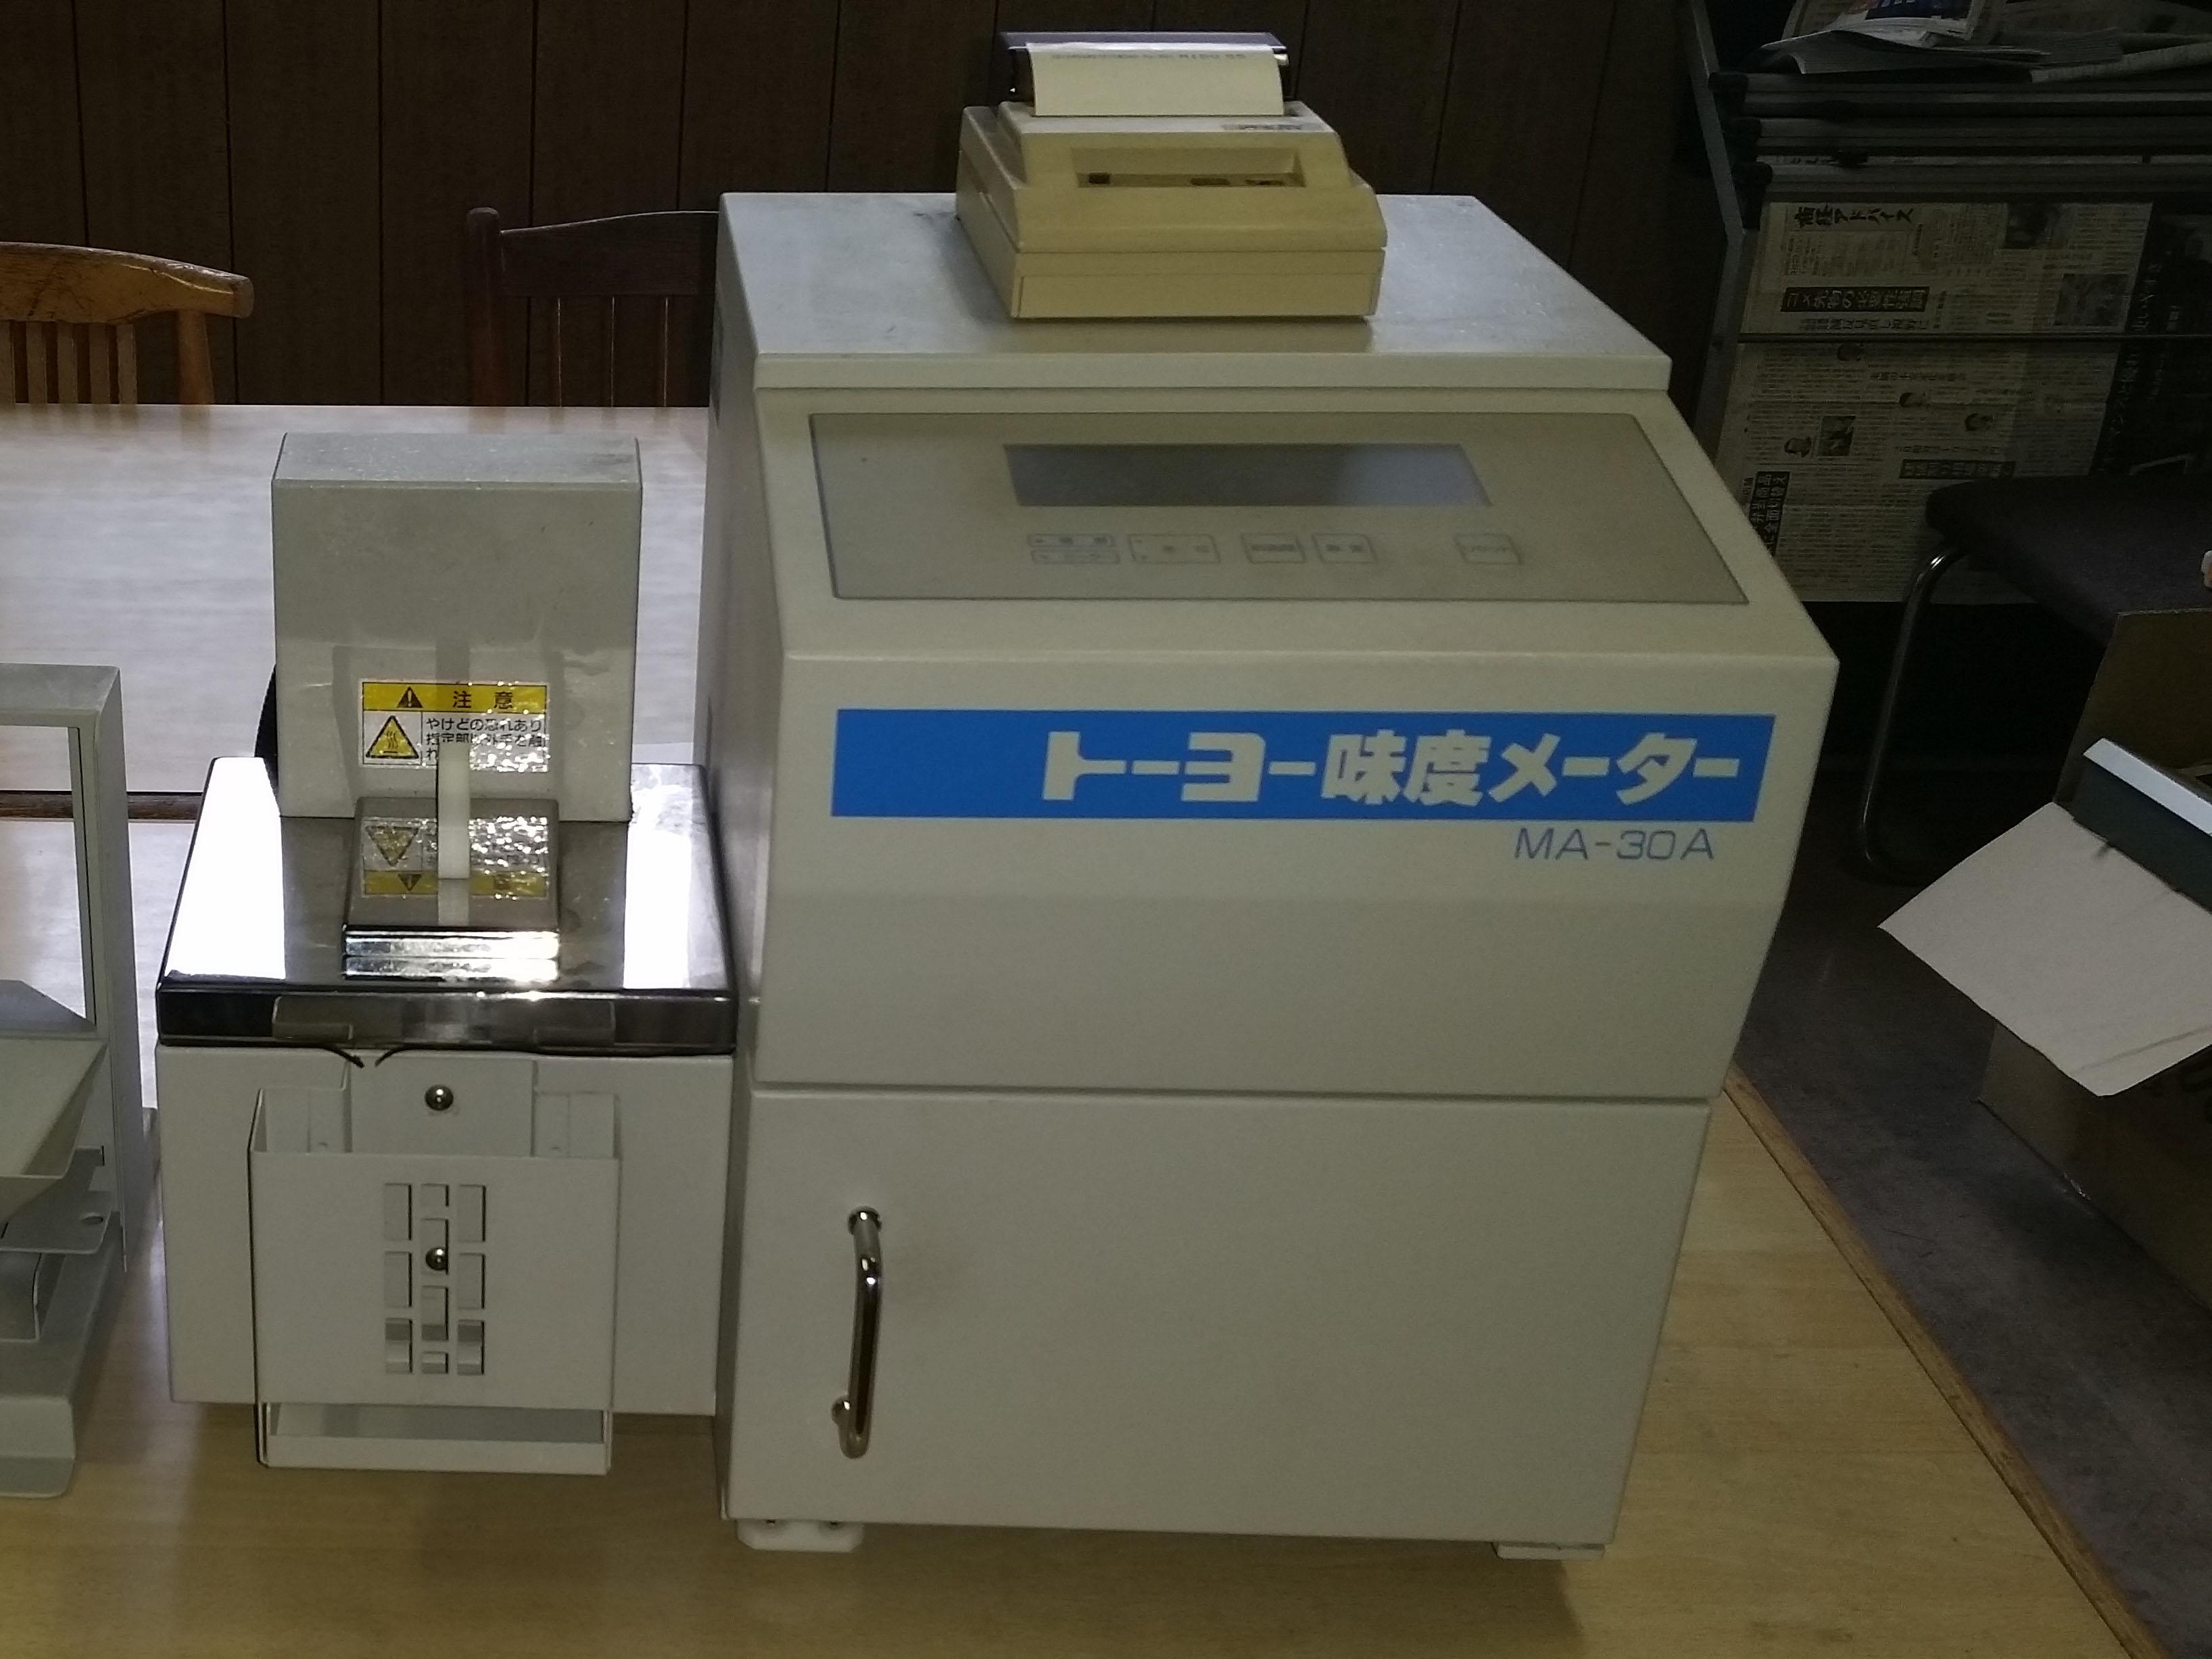 中古 味度メーター 東洋ライス MA-30A 本体